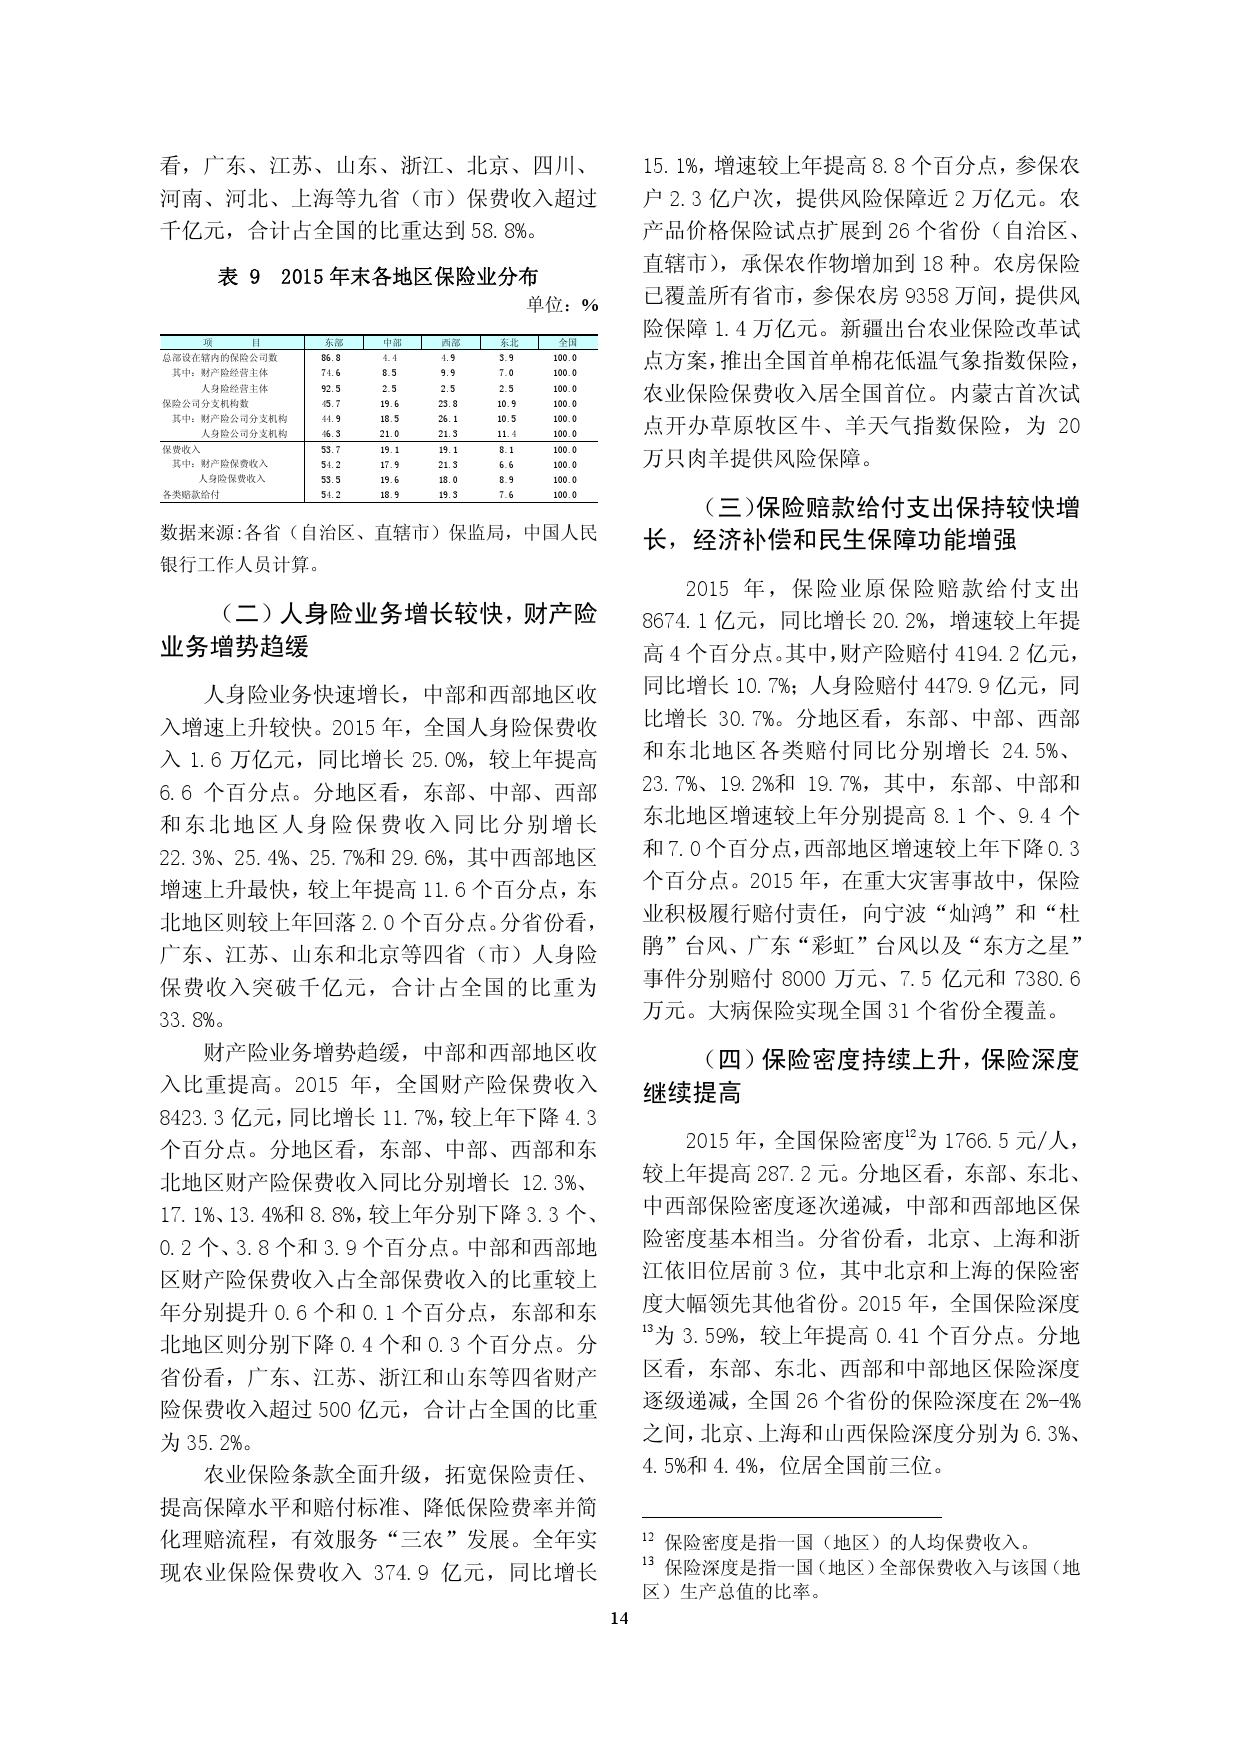 2015年中国区域金融运行报告_000017